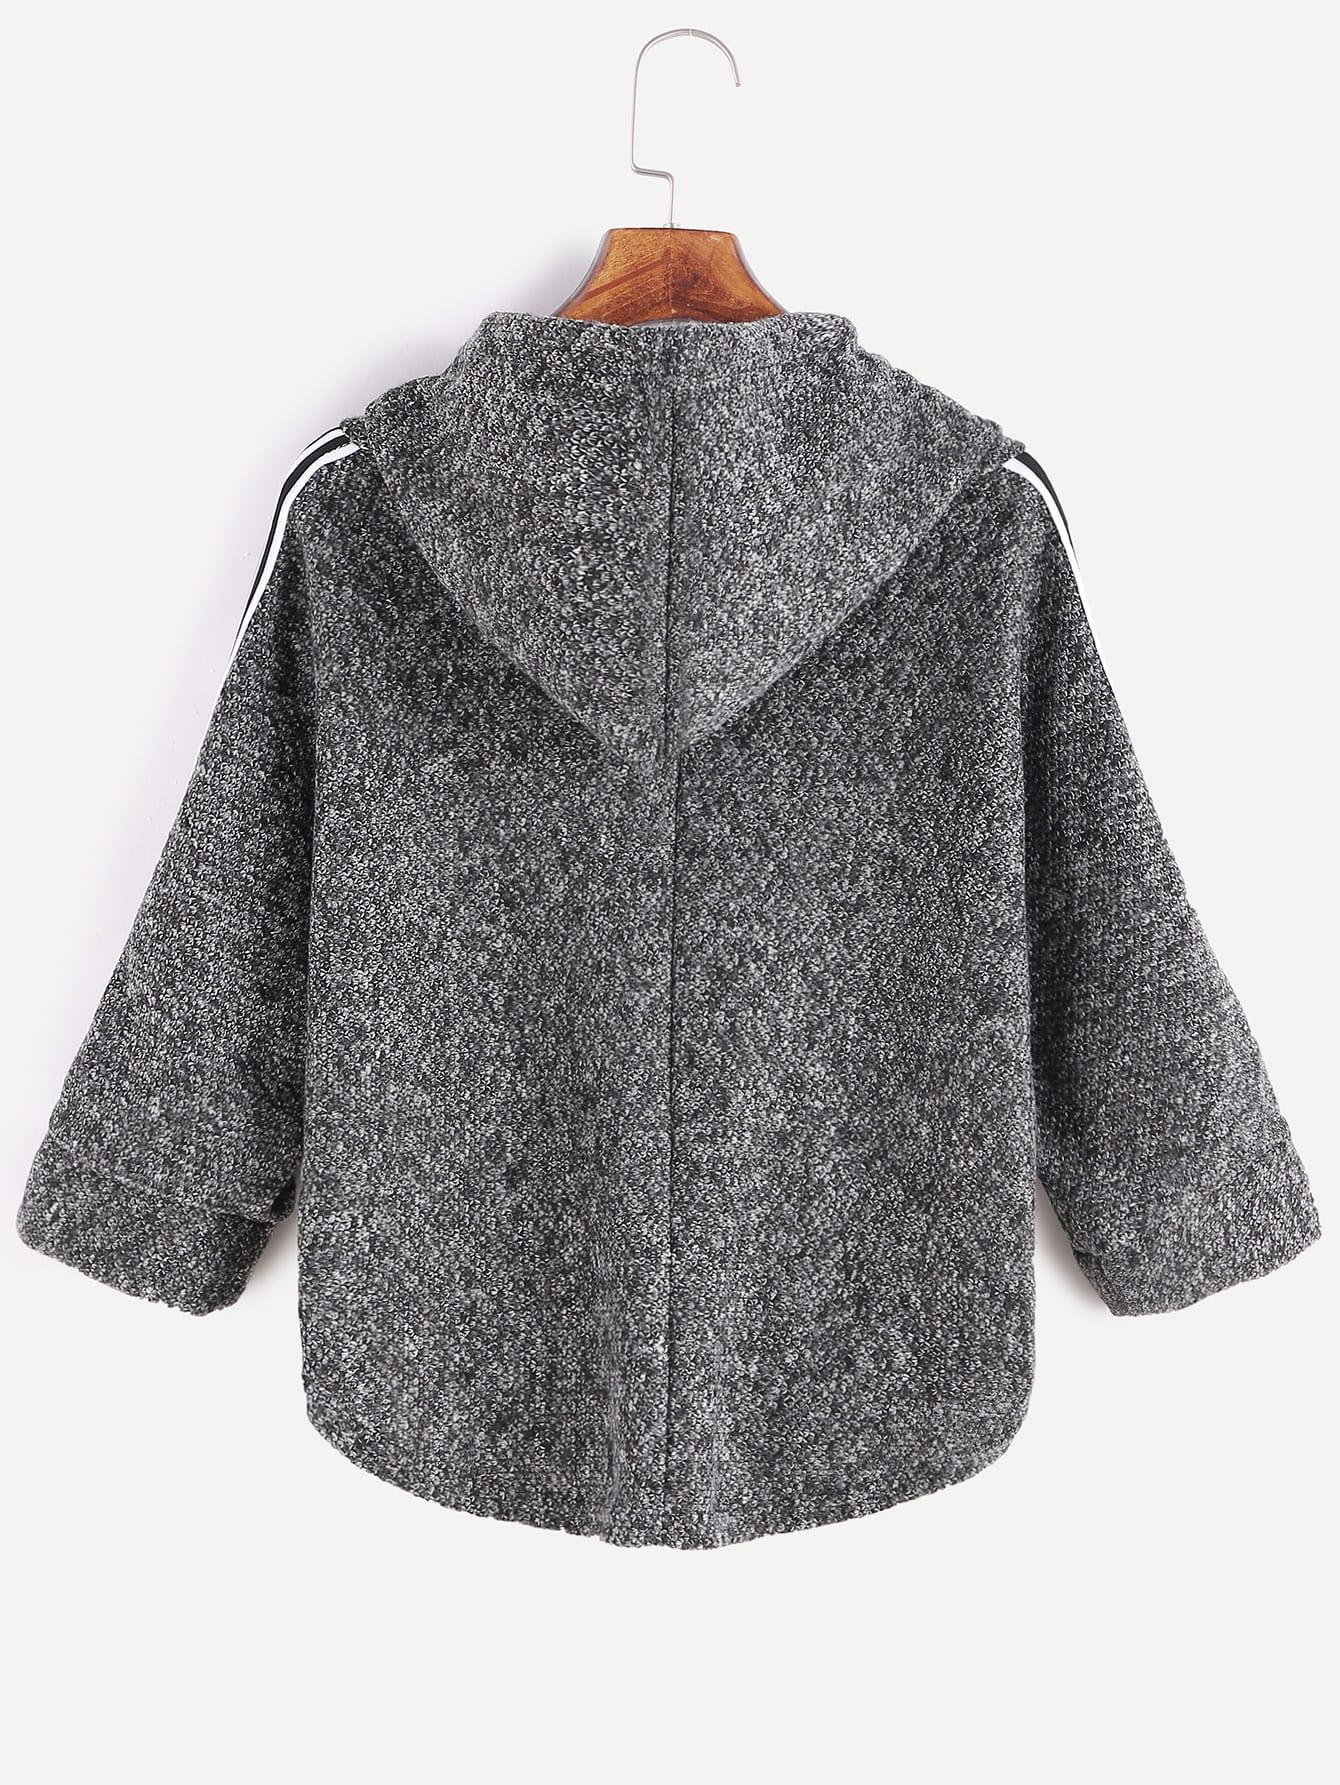 sweatshirt161115007_2